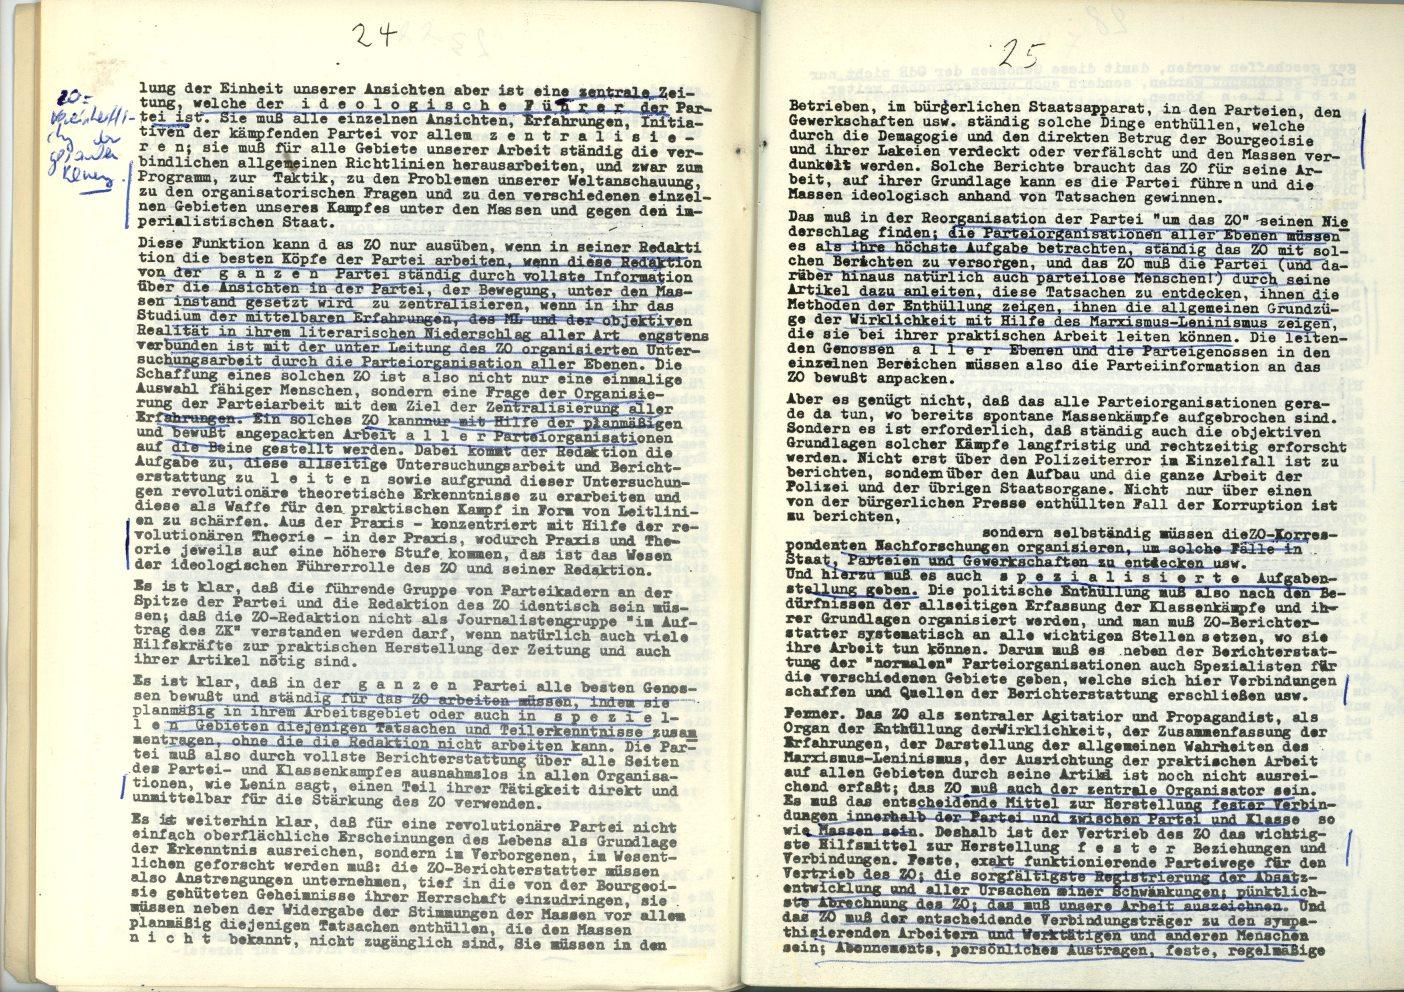 ZB_1972_Diskussionsorgan_zur_ersten_Parteikonferenz_14